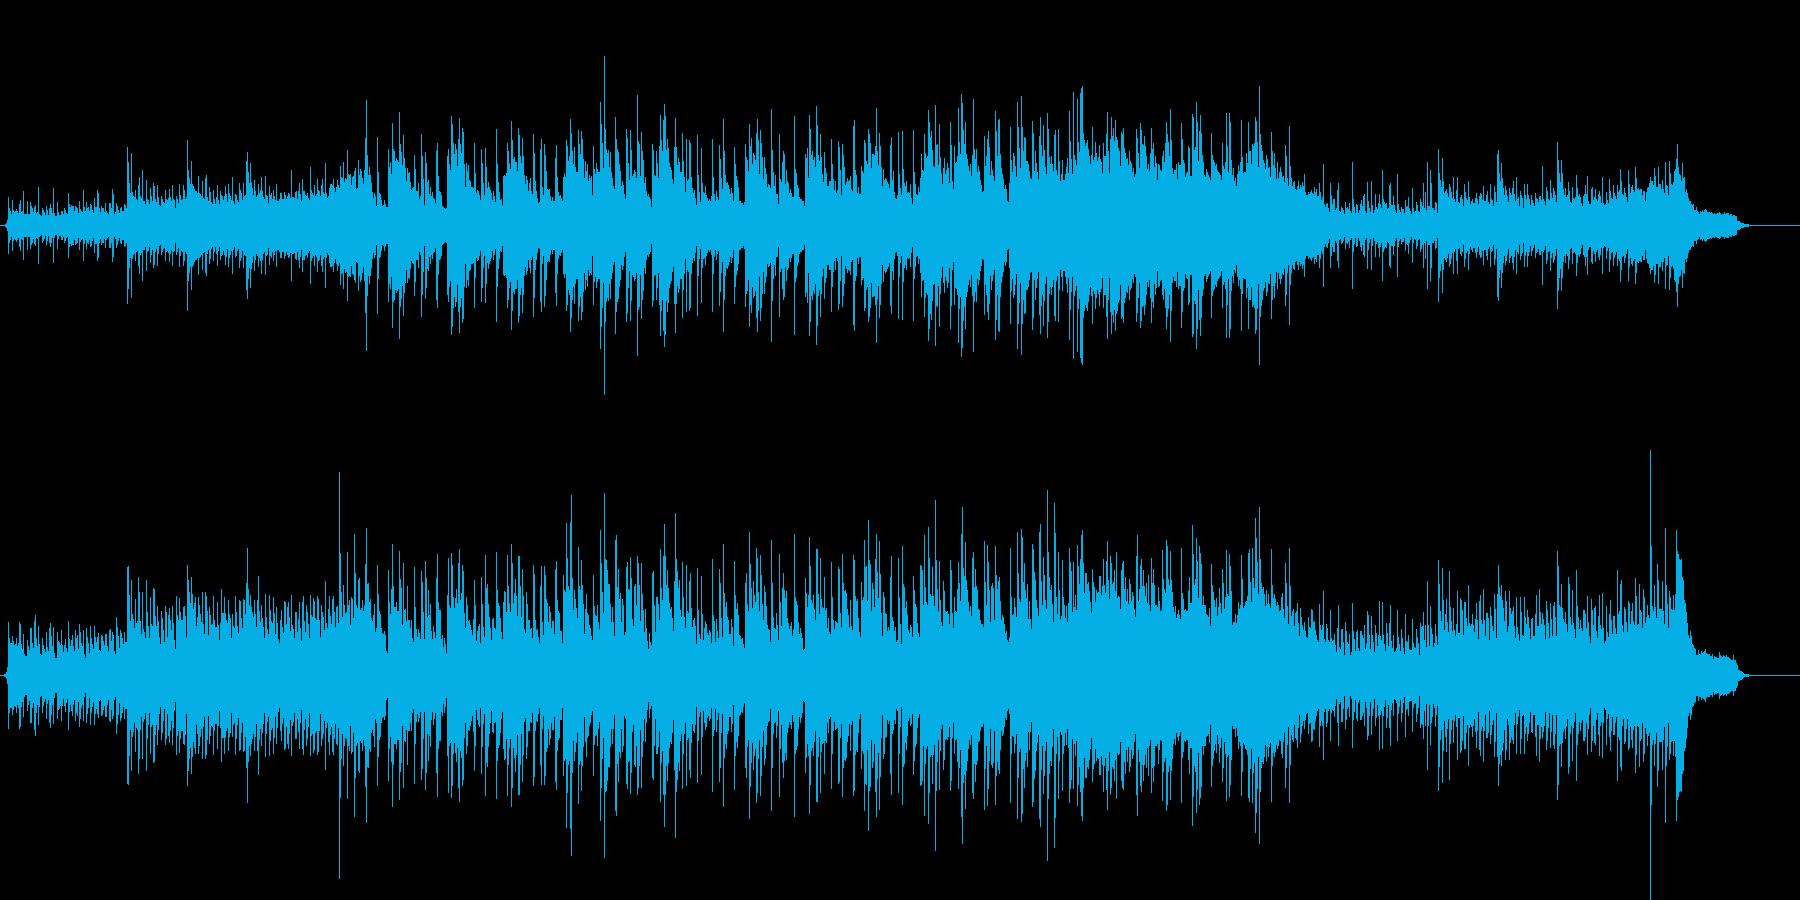 幻想的なイメージのミディアム・バラードの再生済みの波形